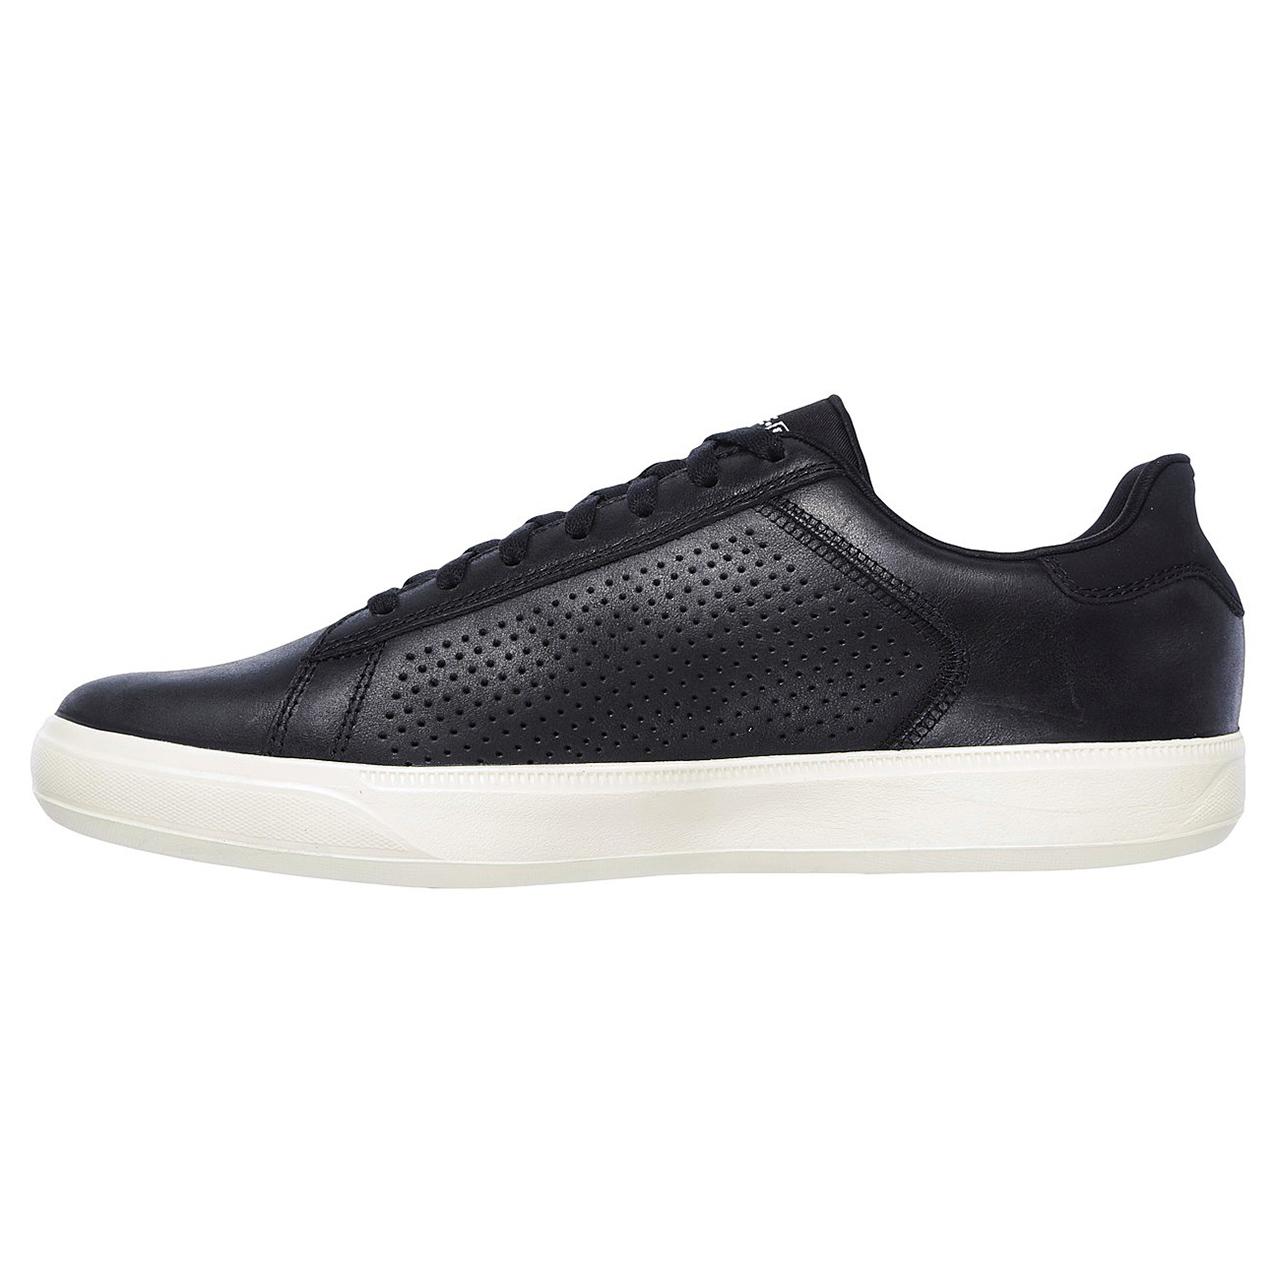 قیمت کفش مخصوص پیاده روی مردانه اسکچرز مدل 54323BKNT